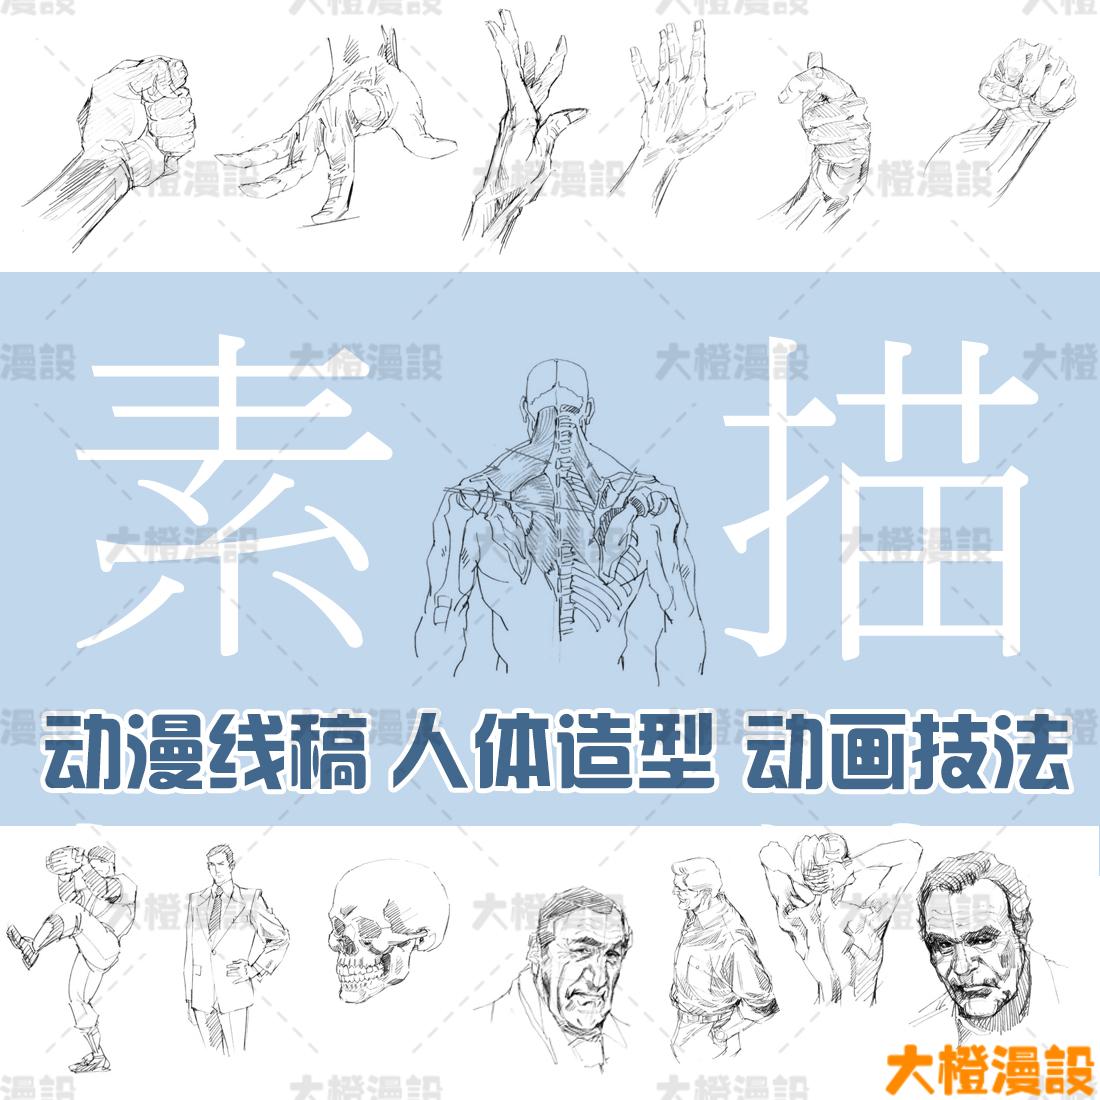 人物素描与写实 动漫线稿 人体造型CG原画 绘画姿态参考素材 临摹